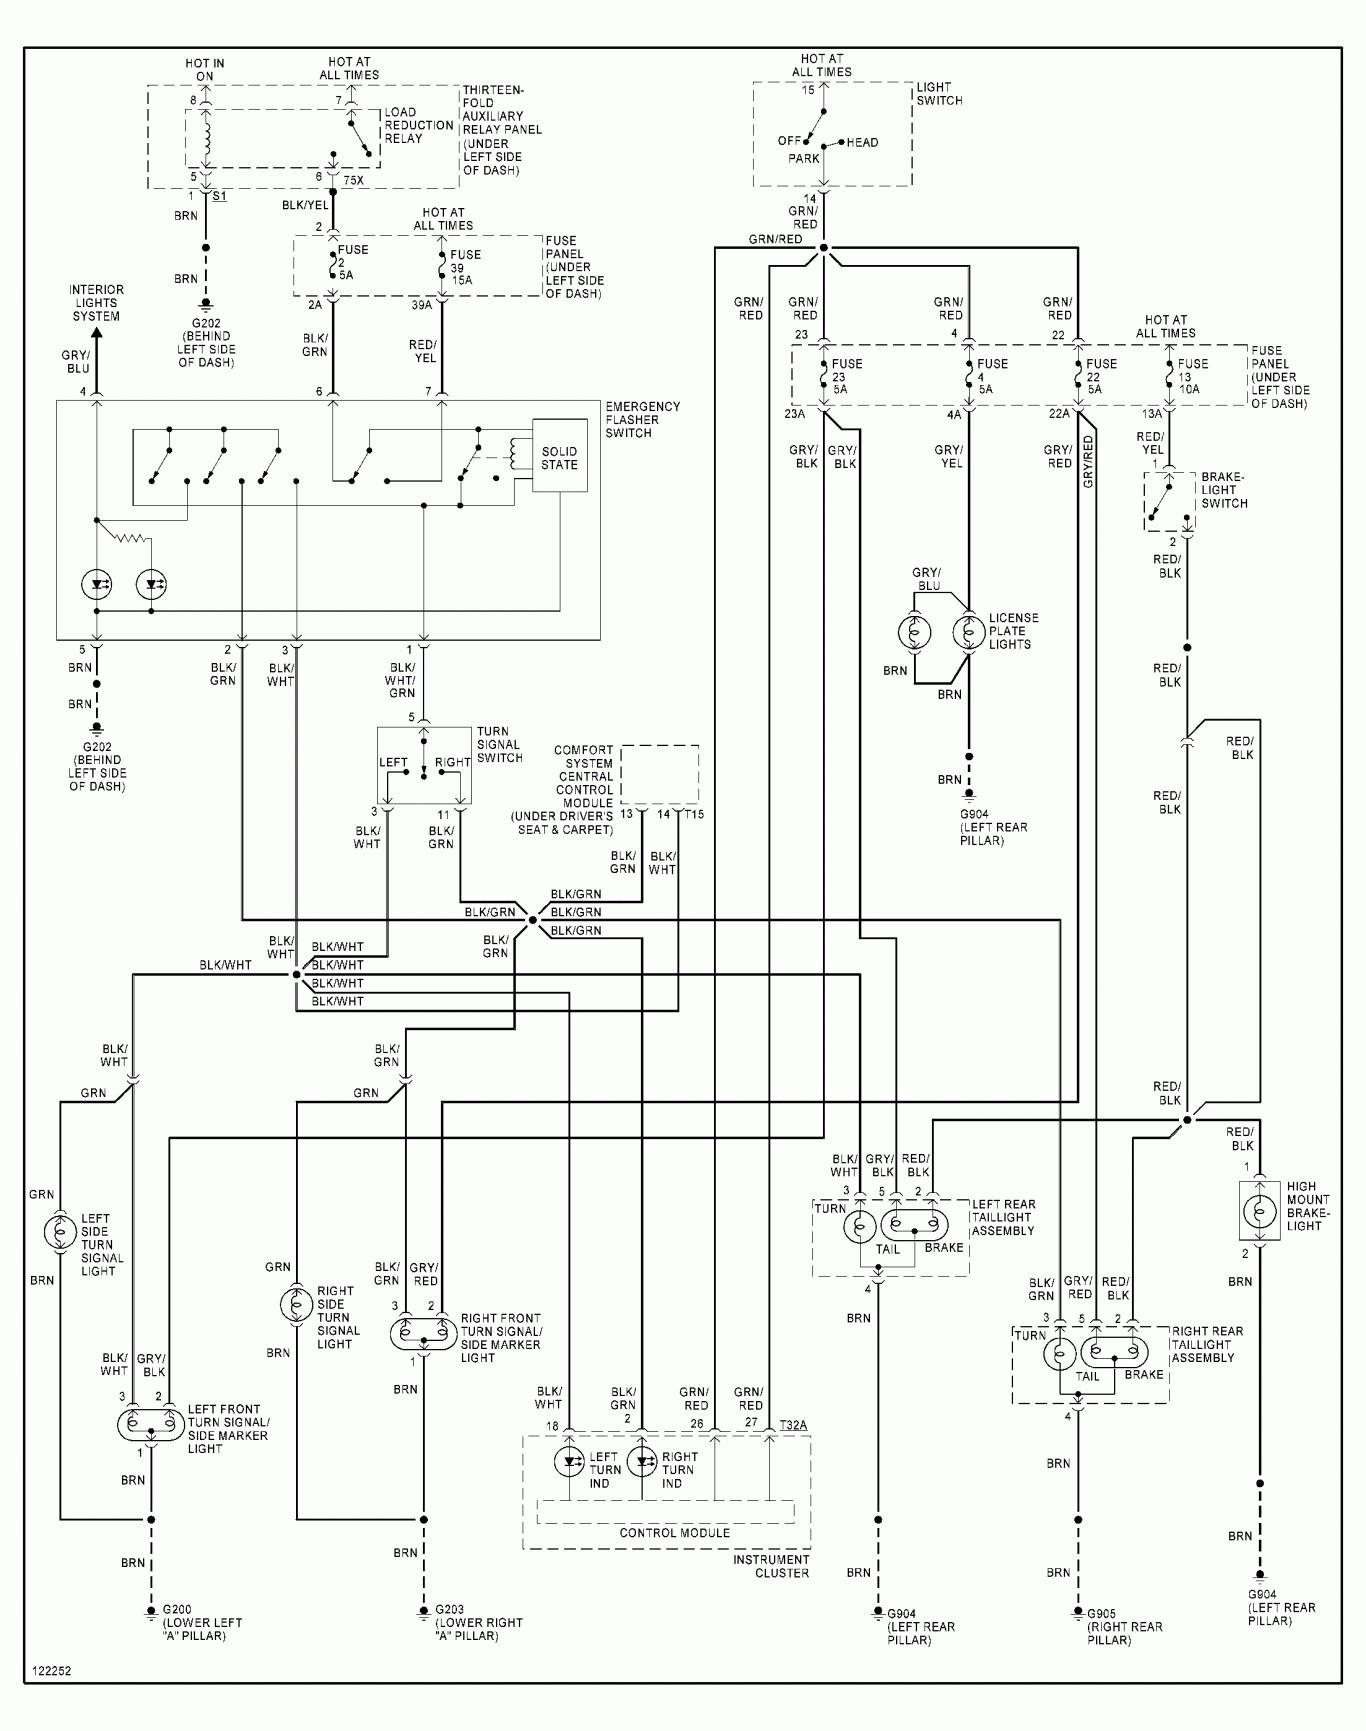 Vw Passat Wiring Diagram Amazing Vw touran Wiring Diagram